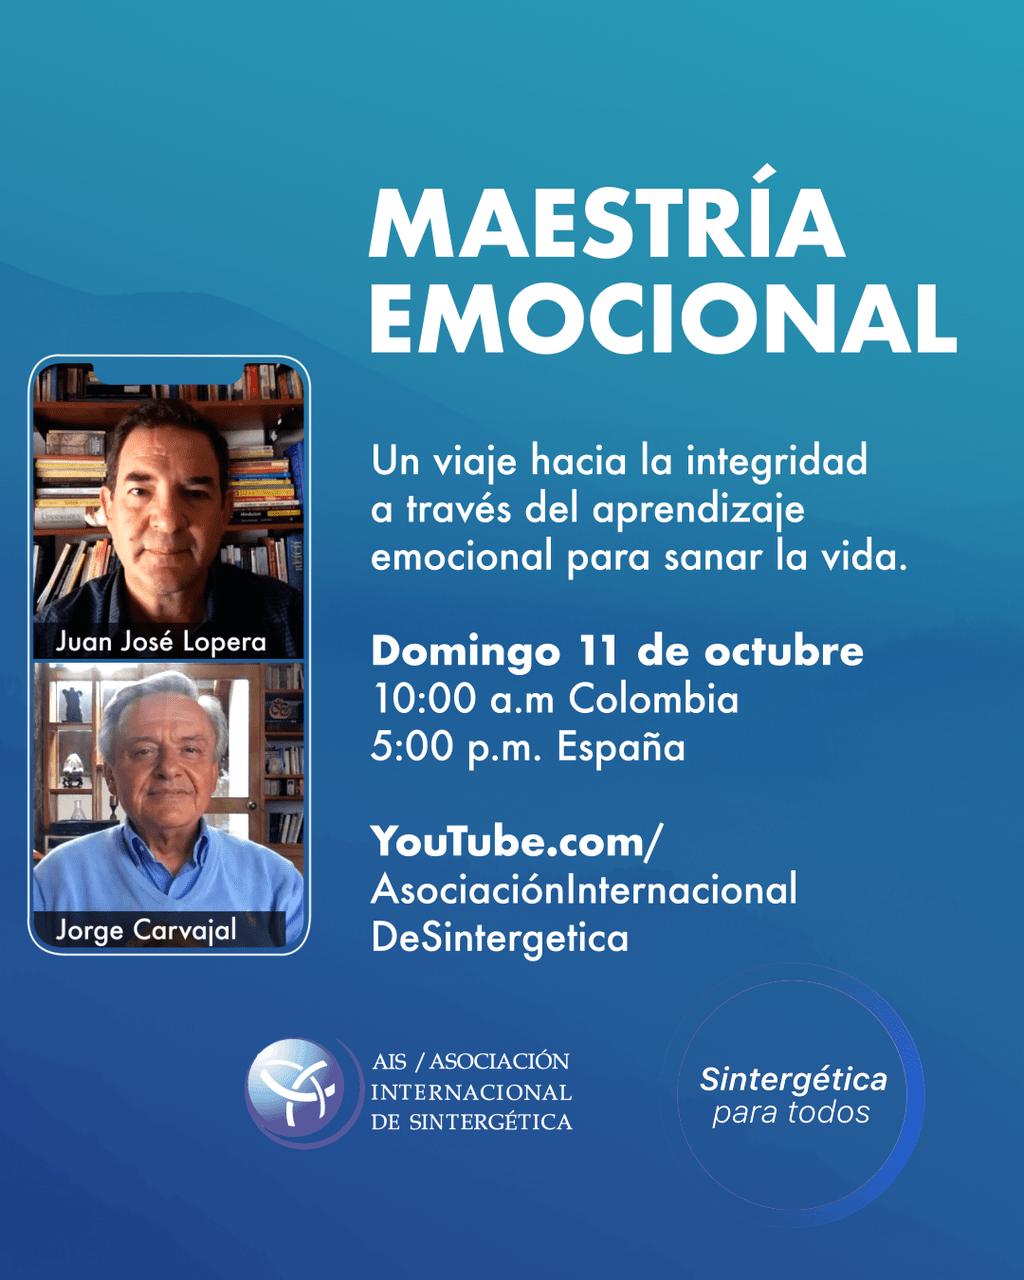 """Webinario Exclusivo Ciclo """"La maestría emocional. Reflexiones y estrategias"""". Jorge Carvajal y Juan José Lopera"""